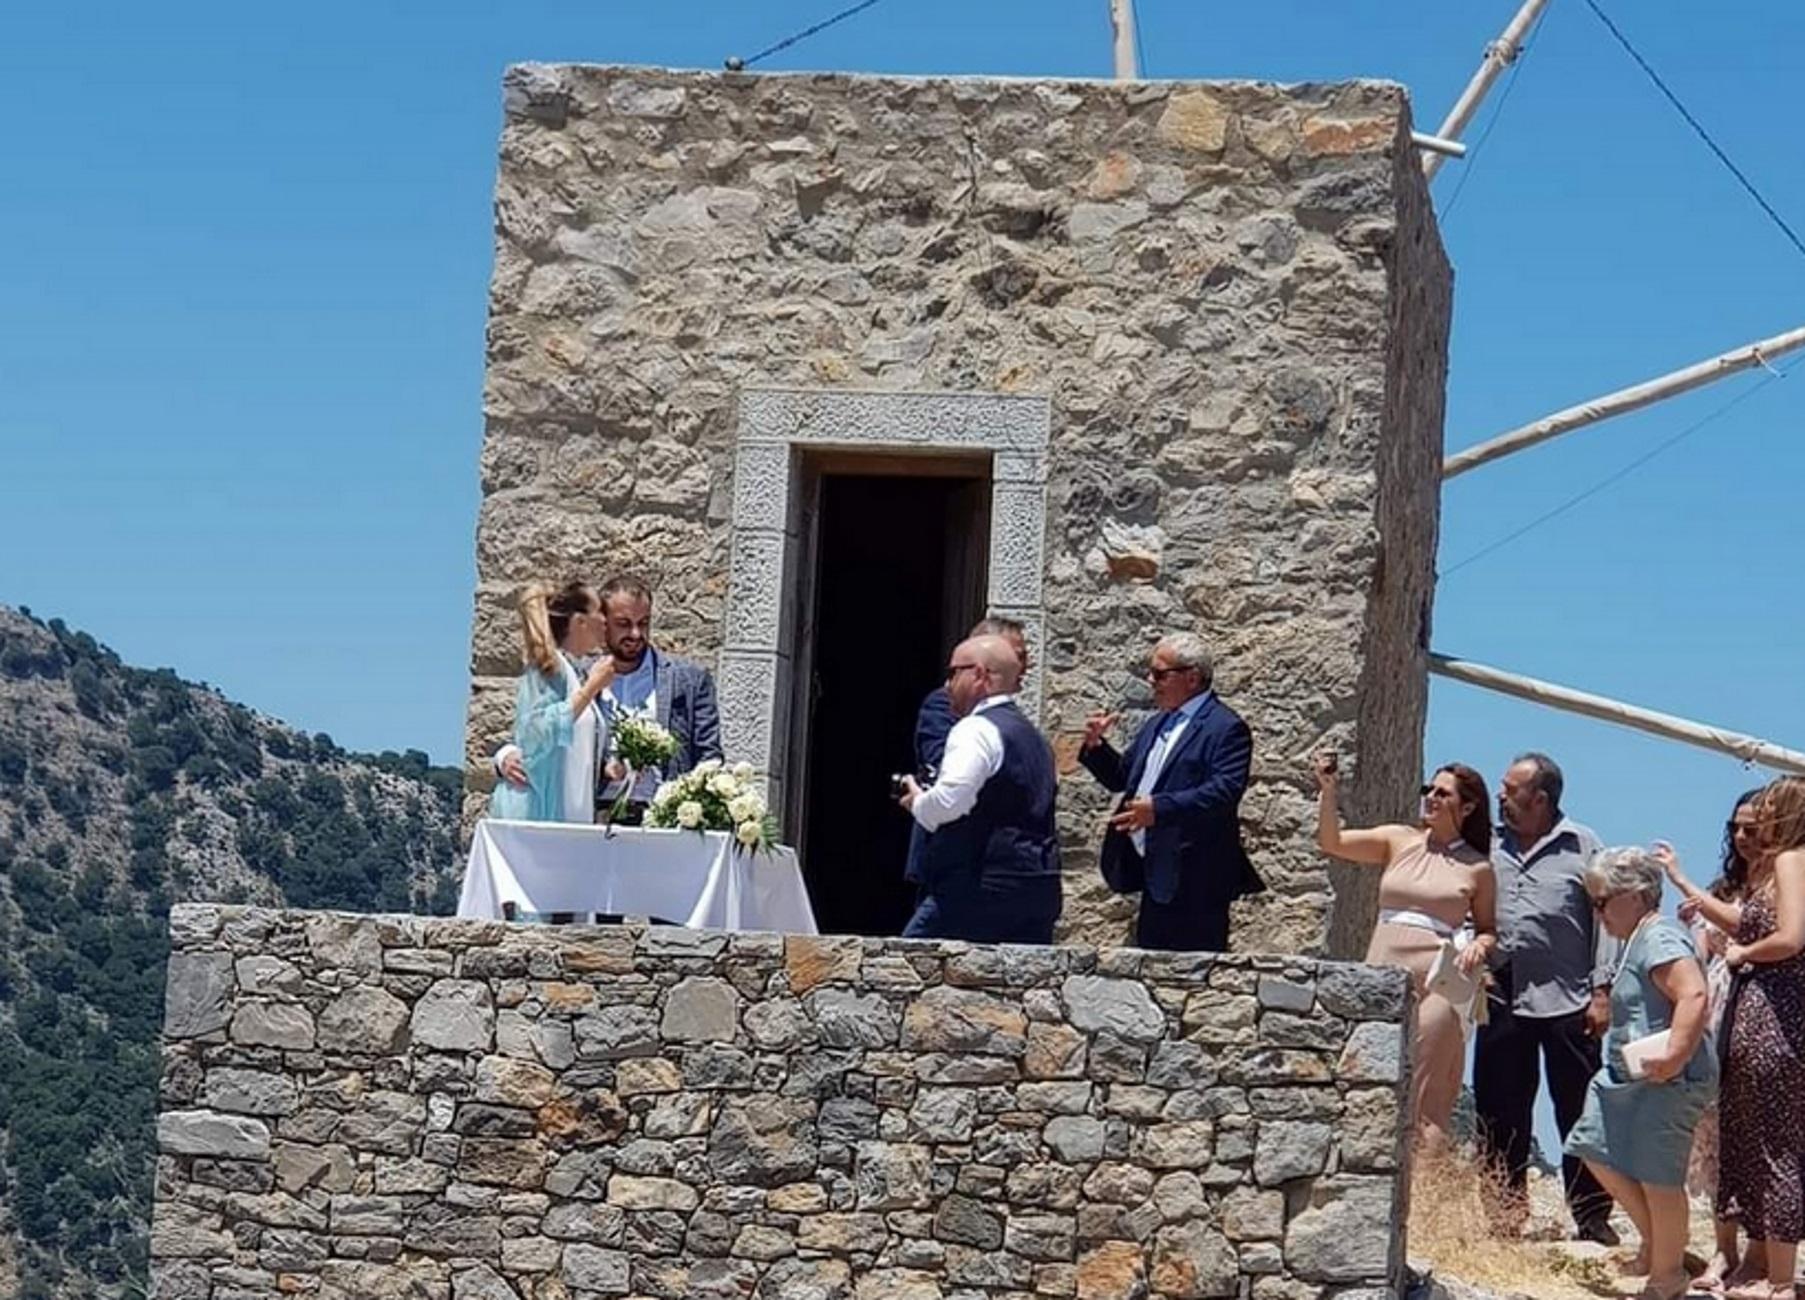 Κρήτη: Παντρεύτηκαν στον πέτρινο μύλο που ο παππούς του γαμπρού δούλευε από μικρό παιδί